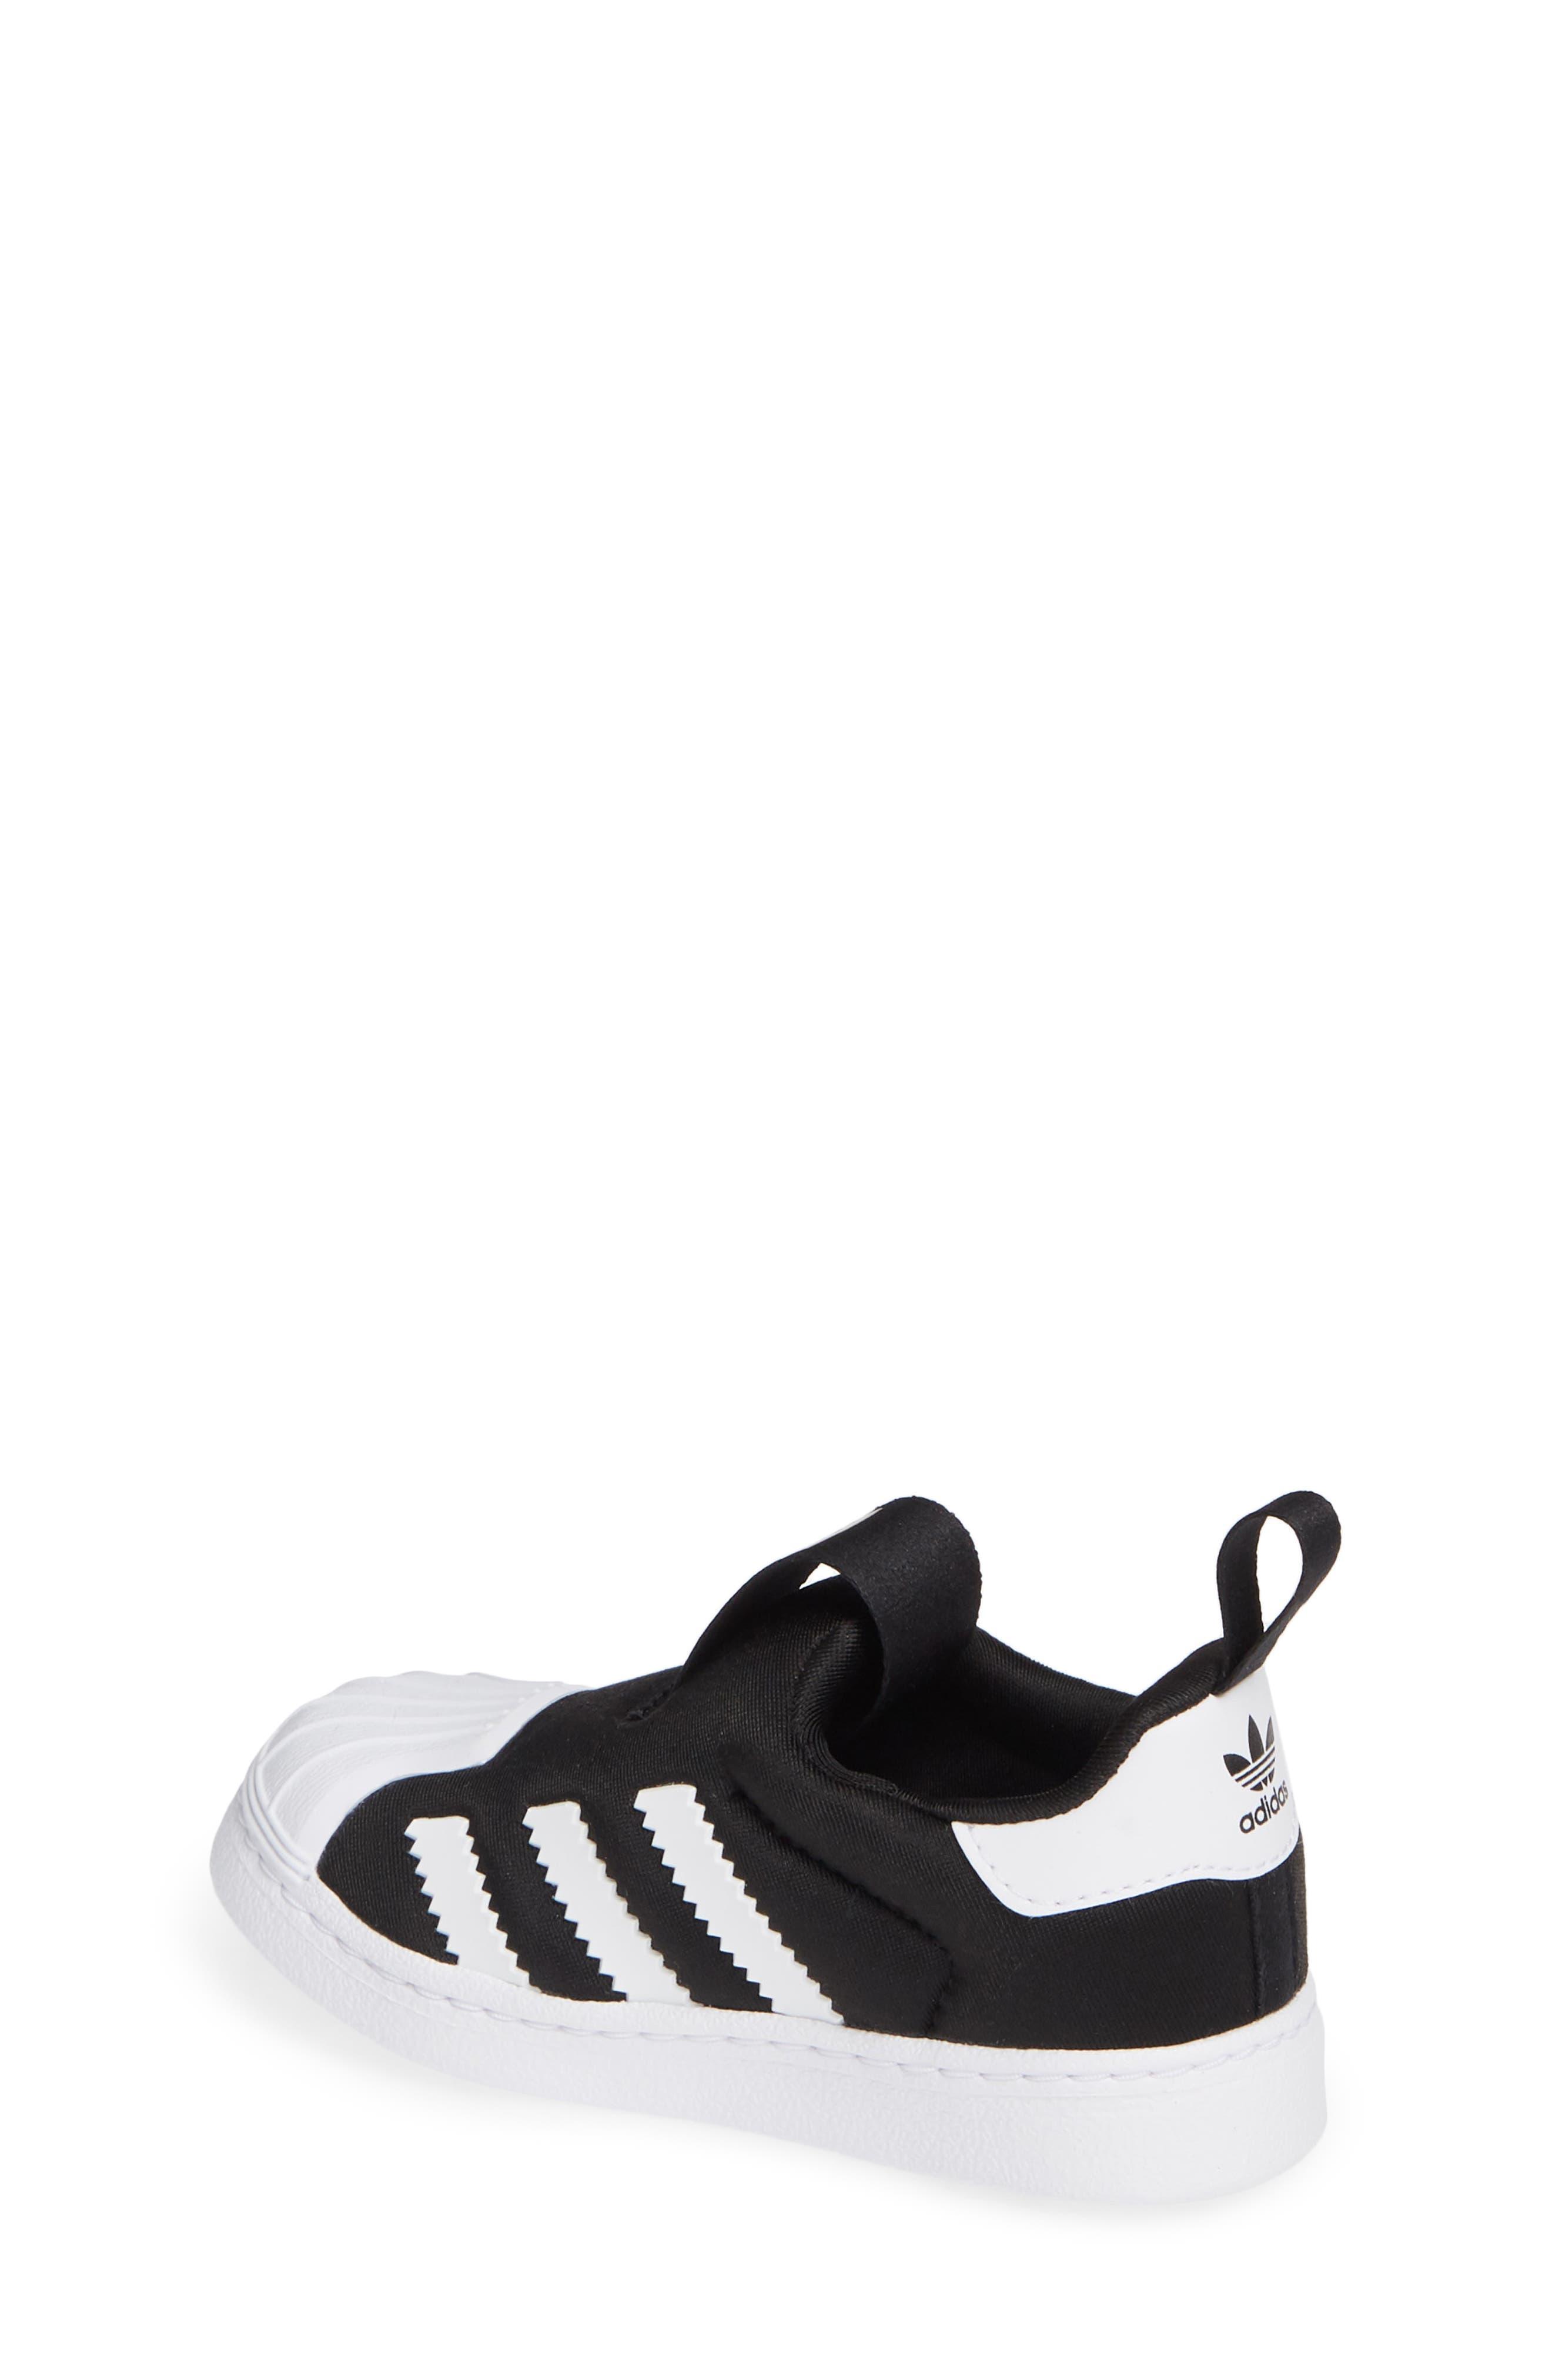 Superstar 360 I Sneaker,                             Alternate thumbnail 2, color,                             CORE BLACK/ WHITE/ GOLD MET